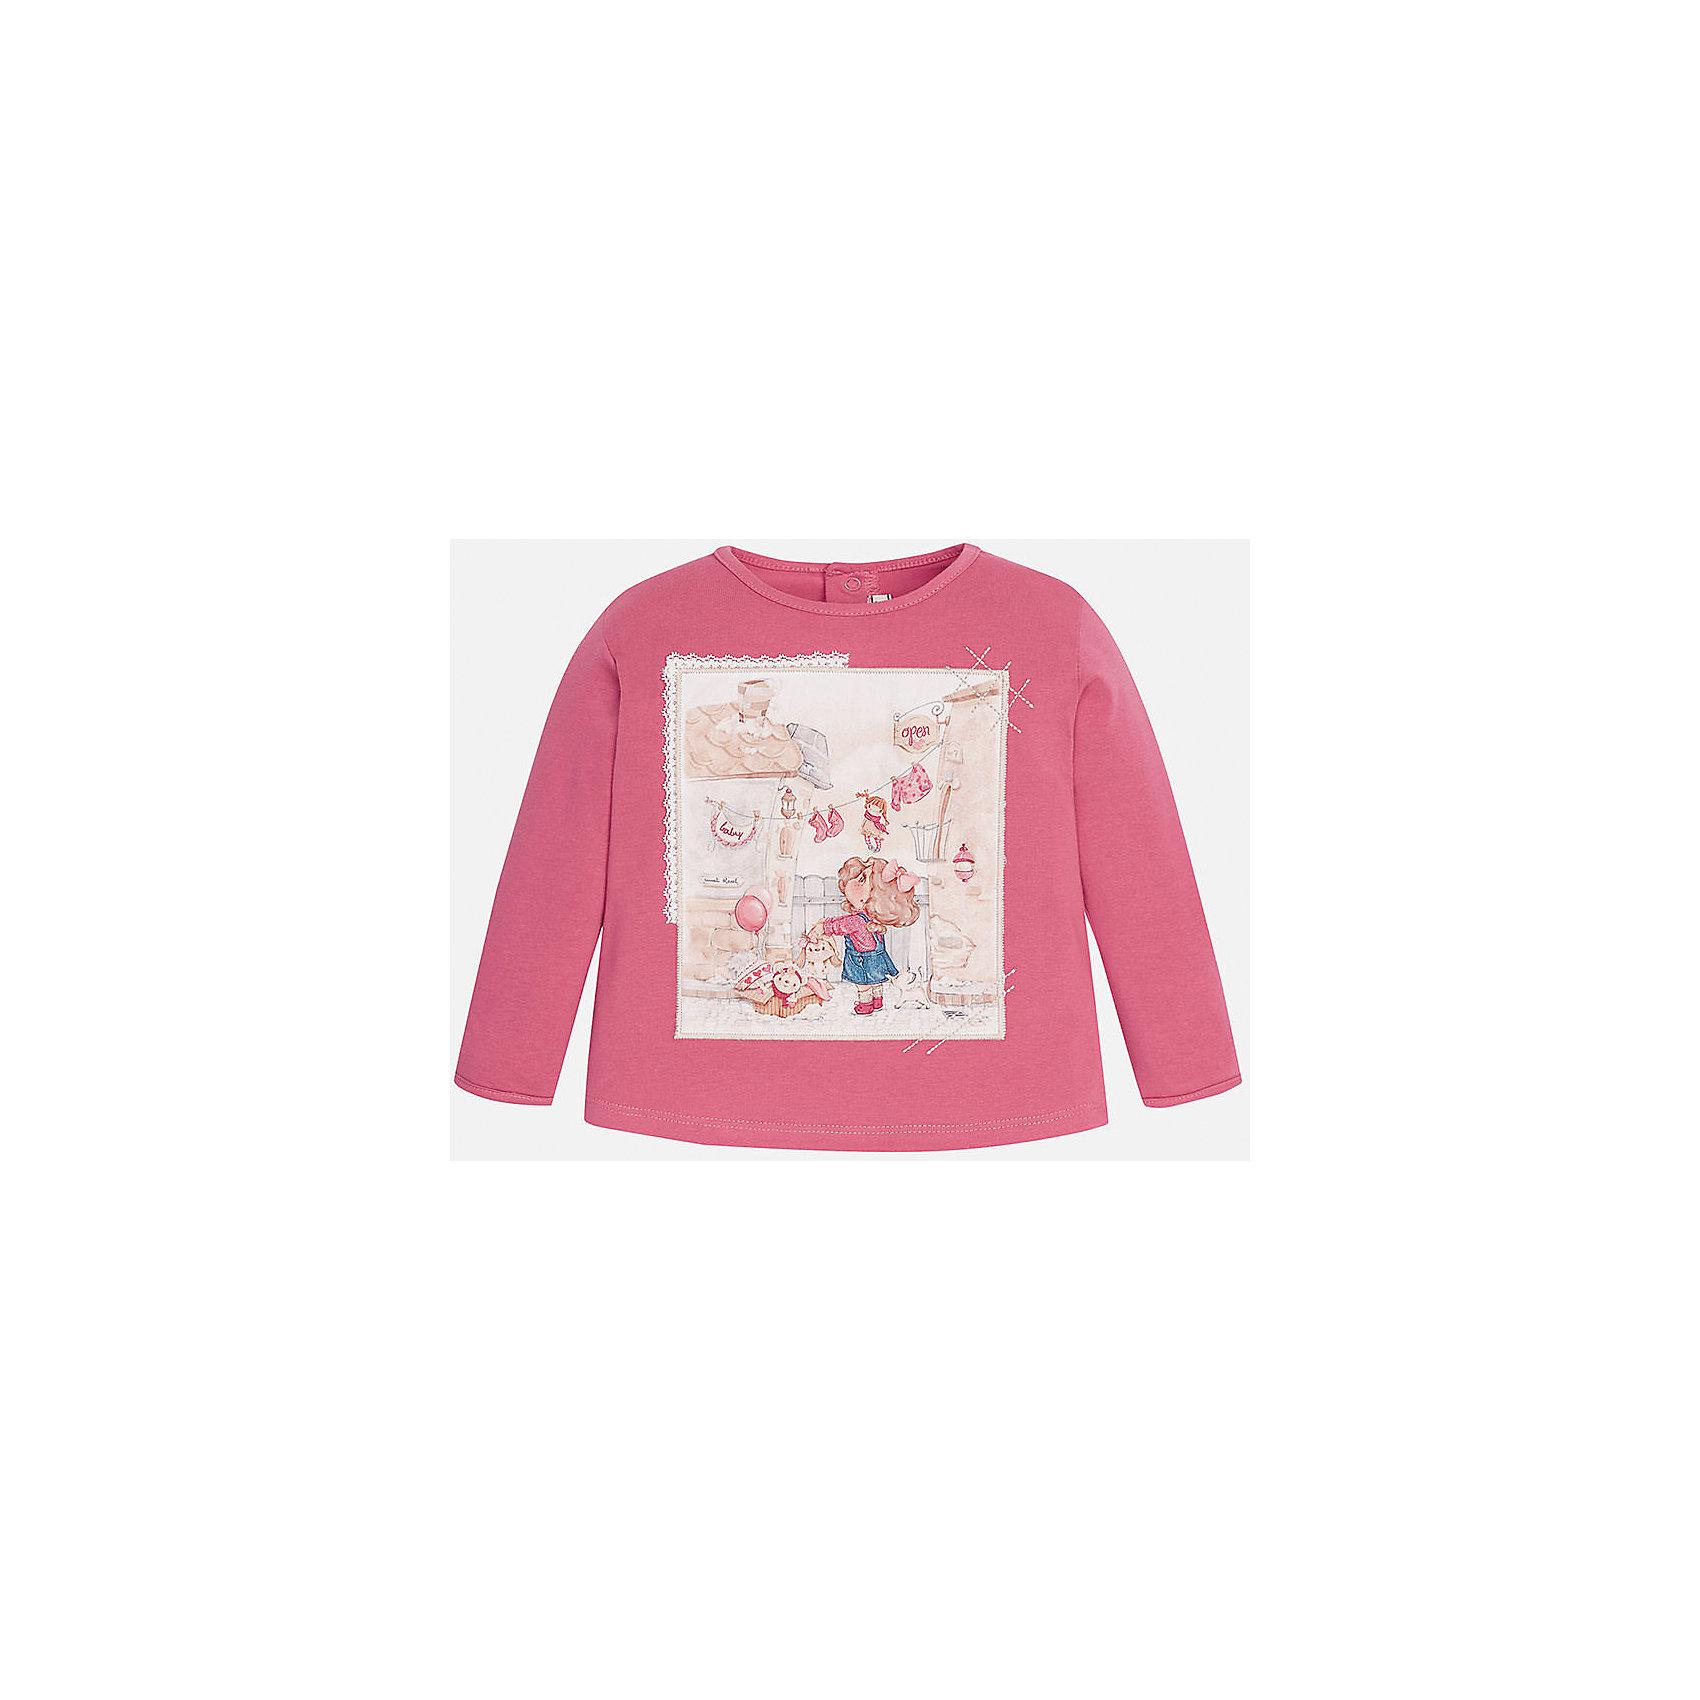 Футболка с длинным рукавом для девочки MayoralФутболки с длинным рукавом<br>Футболка для девочки от известного испанского бренда Mayoral (Майорал). Эта модная и удобная футболка с длинным рукавом сочетает в себе стиль и простоту. Приятный насыщенный розовый цвет и нежный фото-принт с девочкой придут по вкусу вашей моднице. У футболки свободный крой, слегка расширяющийся к низу. Футболка застегивается сзади на две кнопочки. Отличное пополнение для сезона осень-зима. К этой футболке подойдут как классические юбки и брюки, так и джинсы или штаны спортивного кроя. <br><br>Дополнительная информация:<br><br>- Силуэт: расширяющийся к низу<br>- Рукав: укороченный<br>- Длина: средняя<br><br>Состав: 92% хлопок, 8% эластан<br><br>Футболку для девочки Mayoral (Майорал) можно купить в нашем интернет-магазине.<br><br>Подробнее:<br>• Для детей в возрасте: от 4 до 9 лет<br>• Номер товара: 4846019<br>Страна производитель: Индия<br><br>Ширина мм: 199<br>Глубина мм: 10<br>Высота мм: 161<br>Вес г: 151<br>Цвет: розовый<br>Возраст от месяцев: 6<br>Возраст до месяцев: 9<br>Пол: Женский<br>Возраст: Детский<br>Размер: 74,80,86,92<br>SKU: 4846019